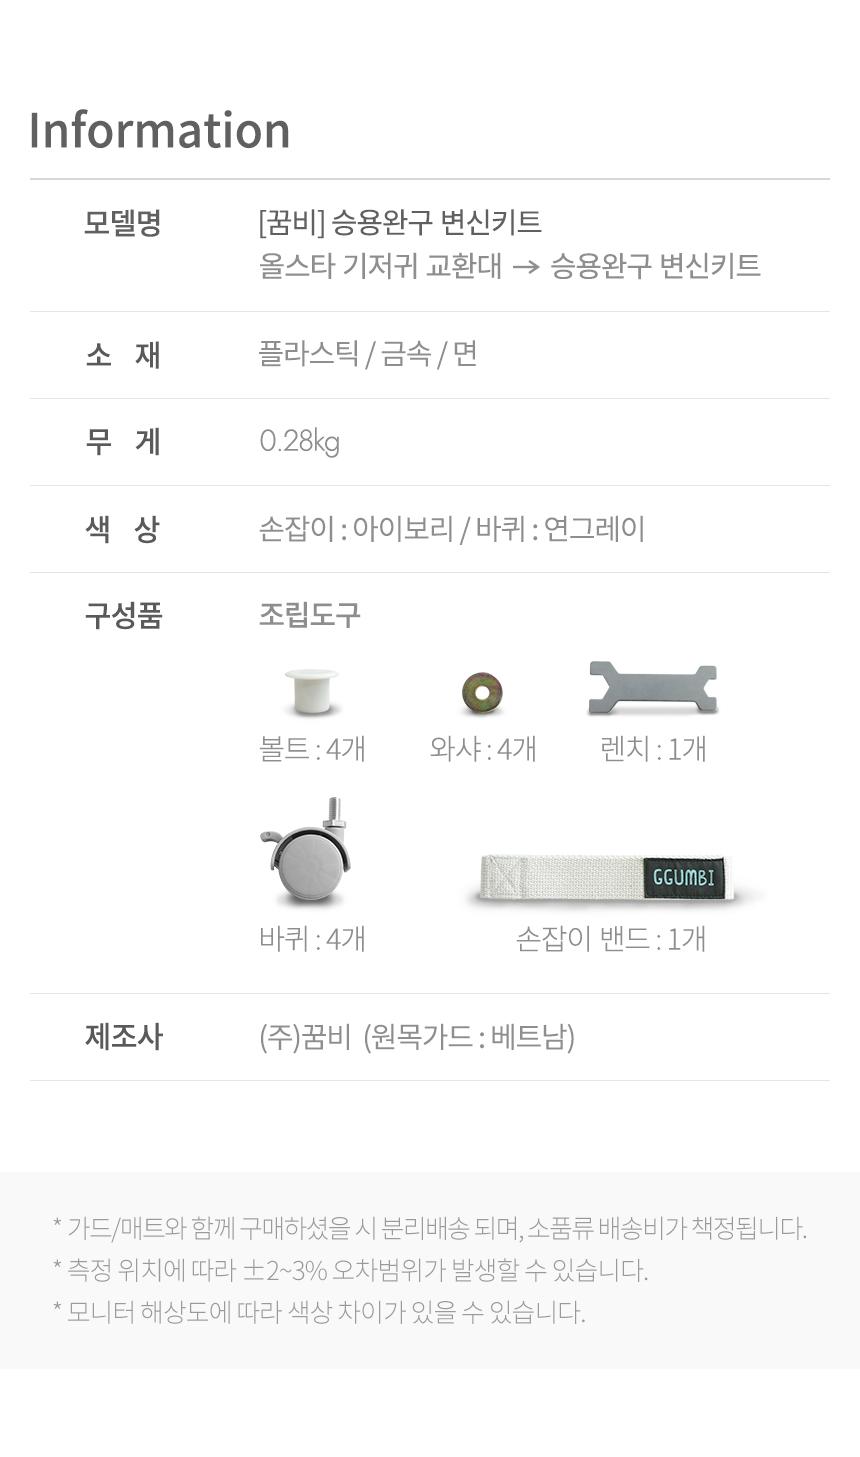 승용완구 변신키트 info